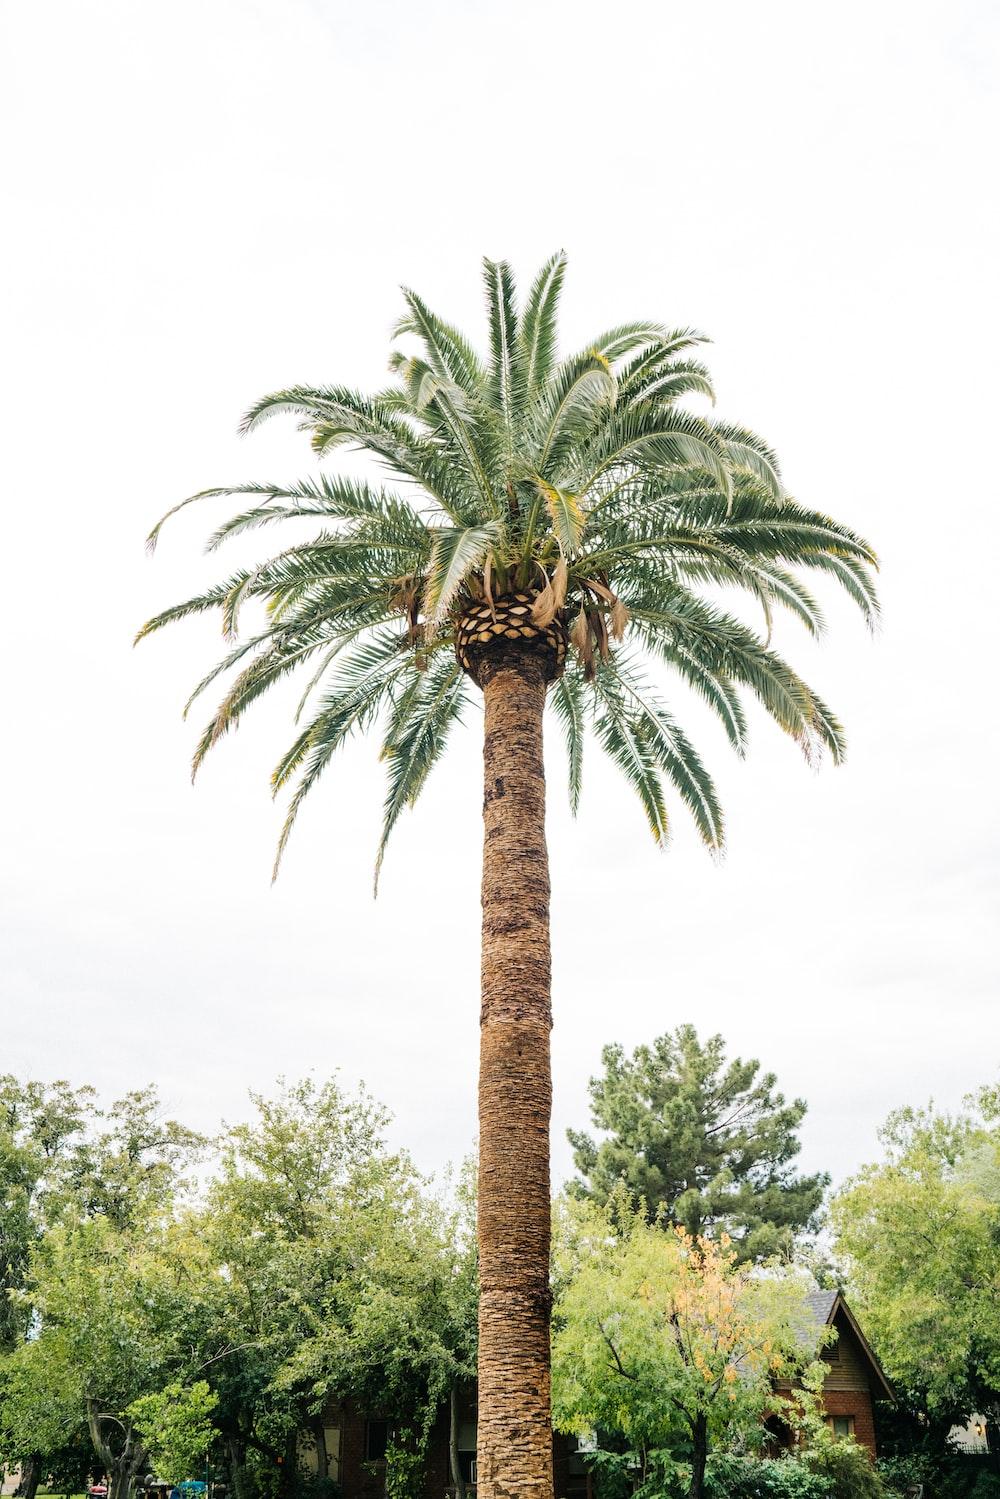 palm tree near trees